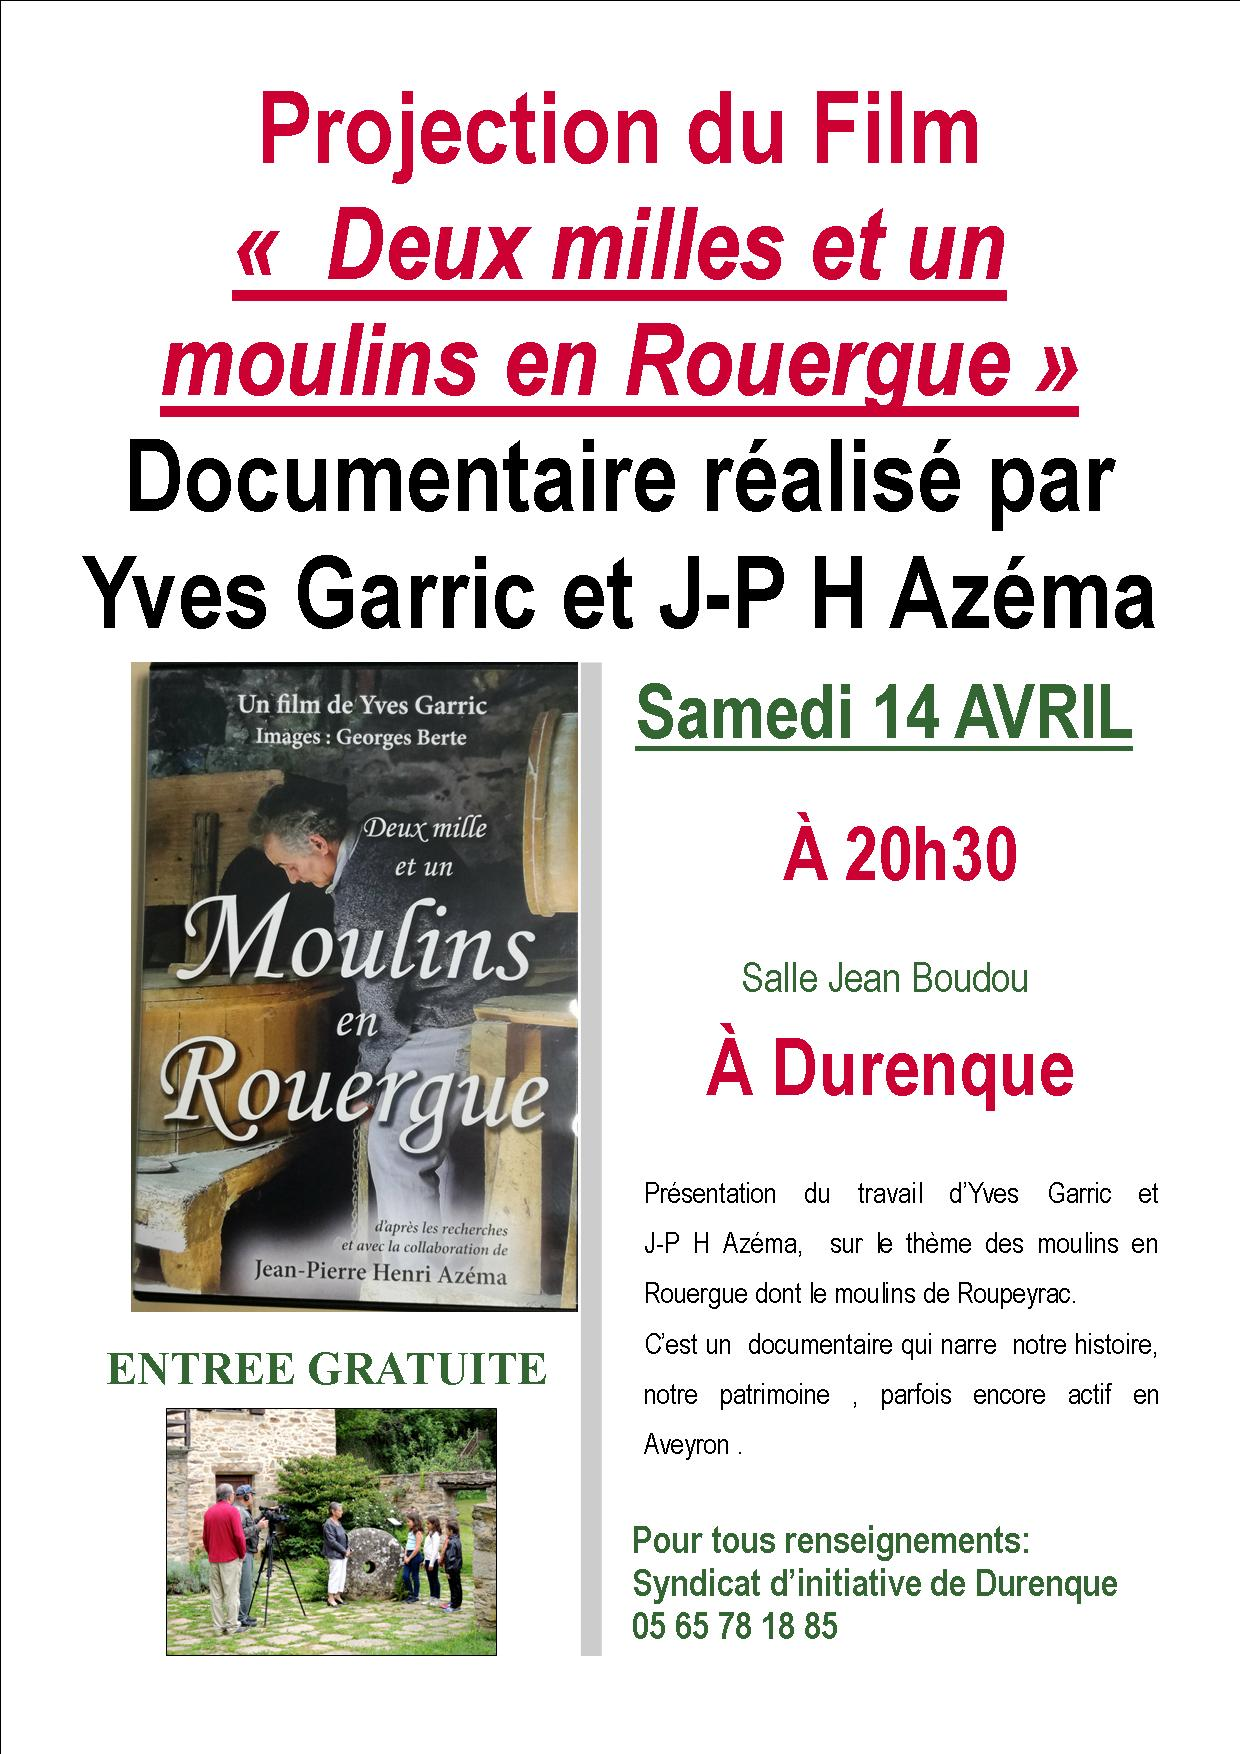 """Projection du Film Documentaire """" Deux Milles et un Moulins en Rouergue"""""""